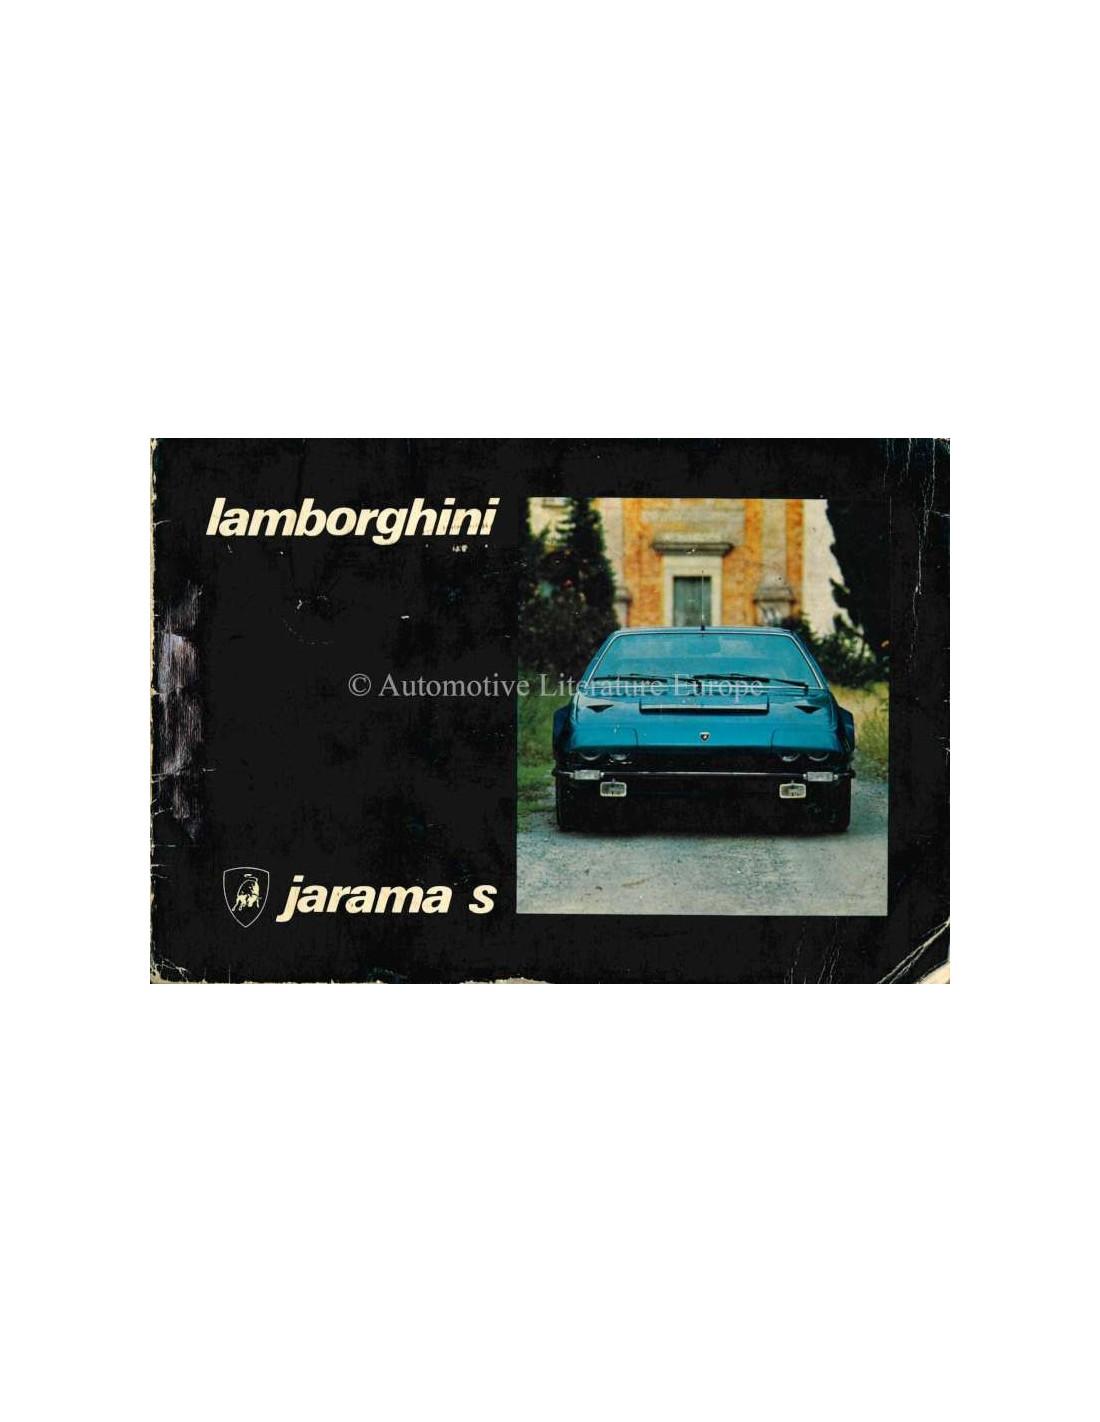 1973 Lamborghini Jarama S Owners Manual